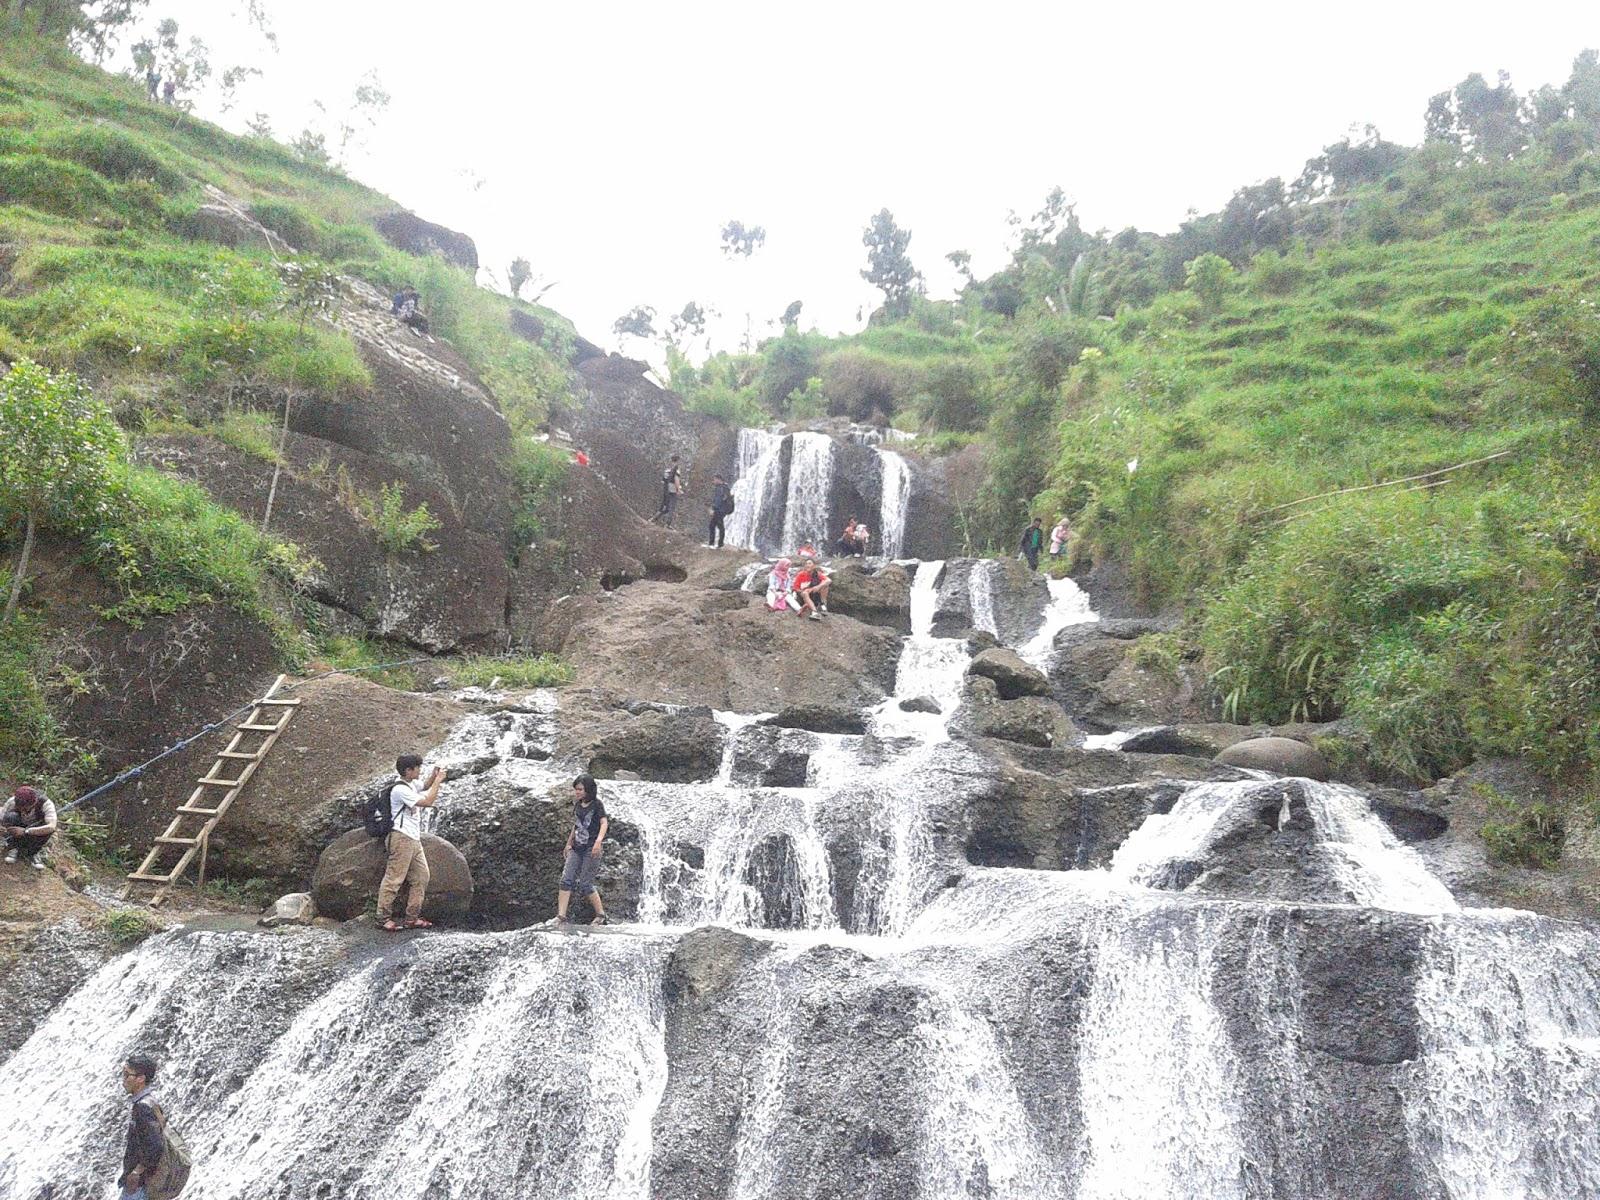 Air Terjun Kedung Kandang Magnet Wisata Gunung Kidul Kota Lain